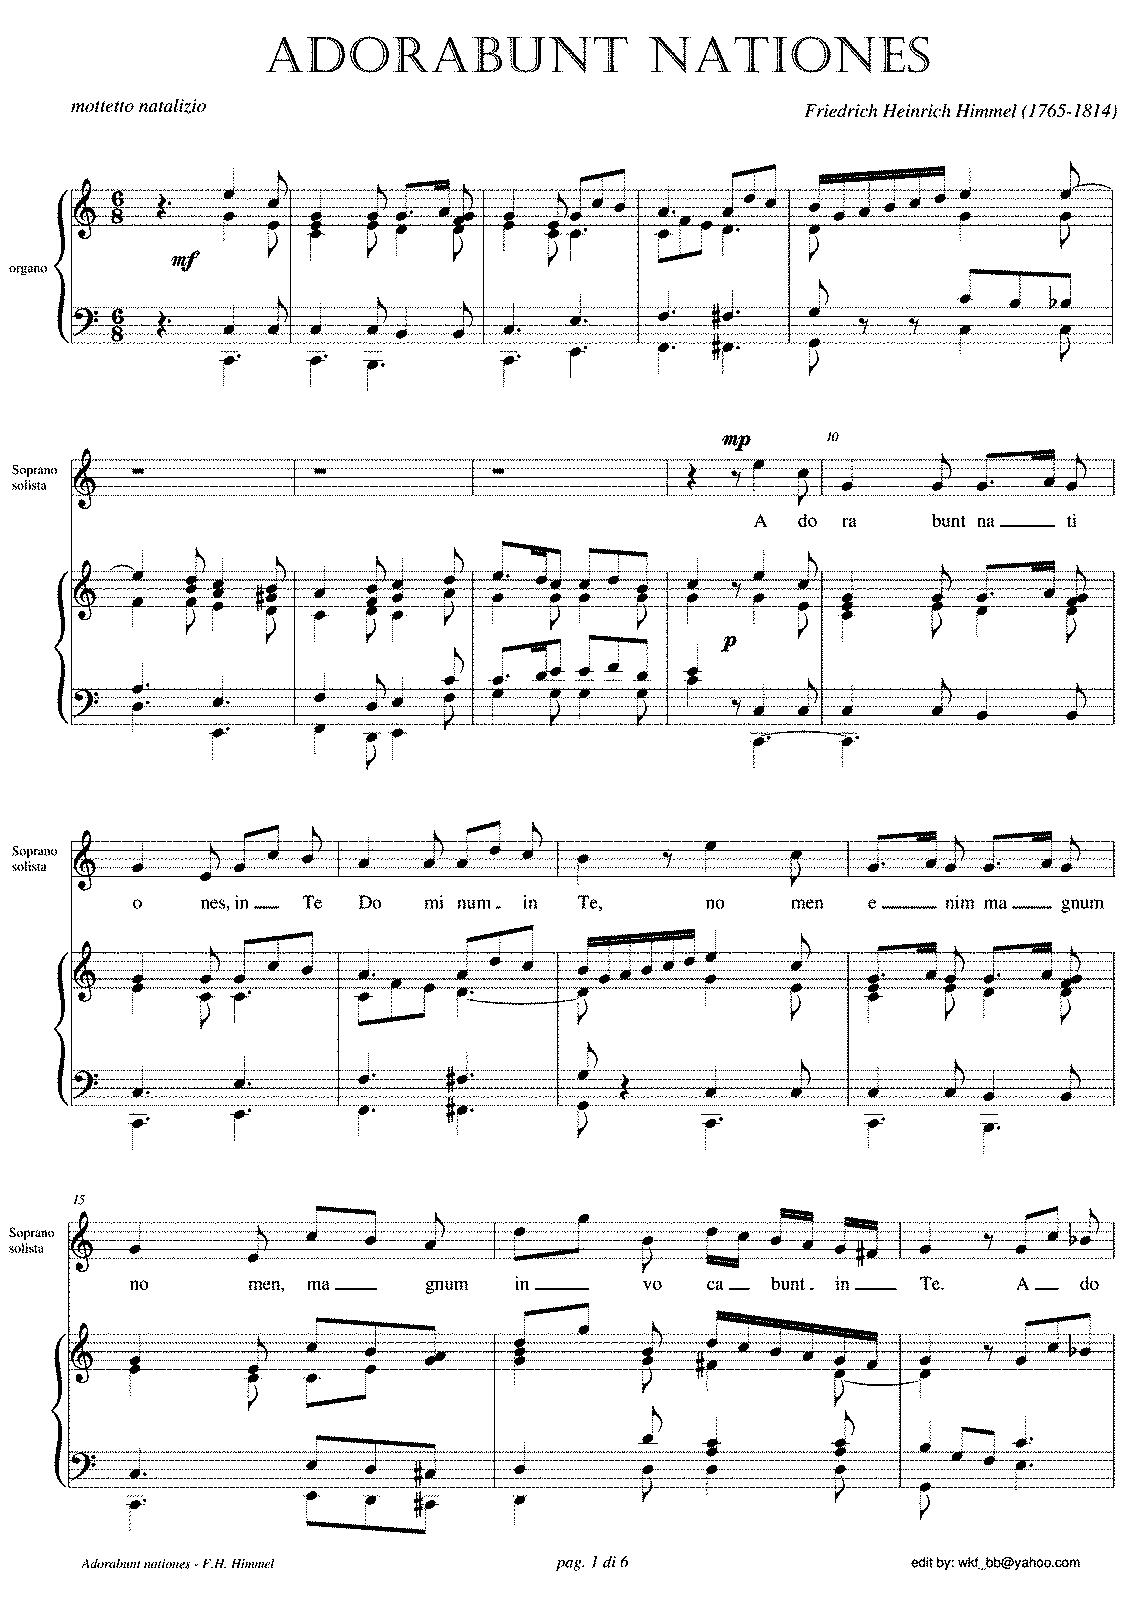 Christnacht himmel friedrich heinrich imslppetrucci music arrangements and transcriptions hexwebz Images